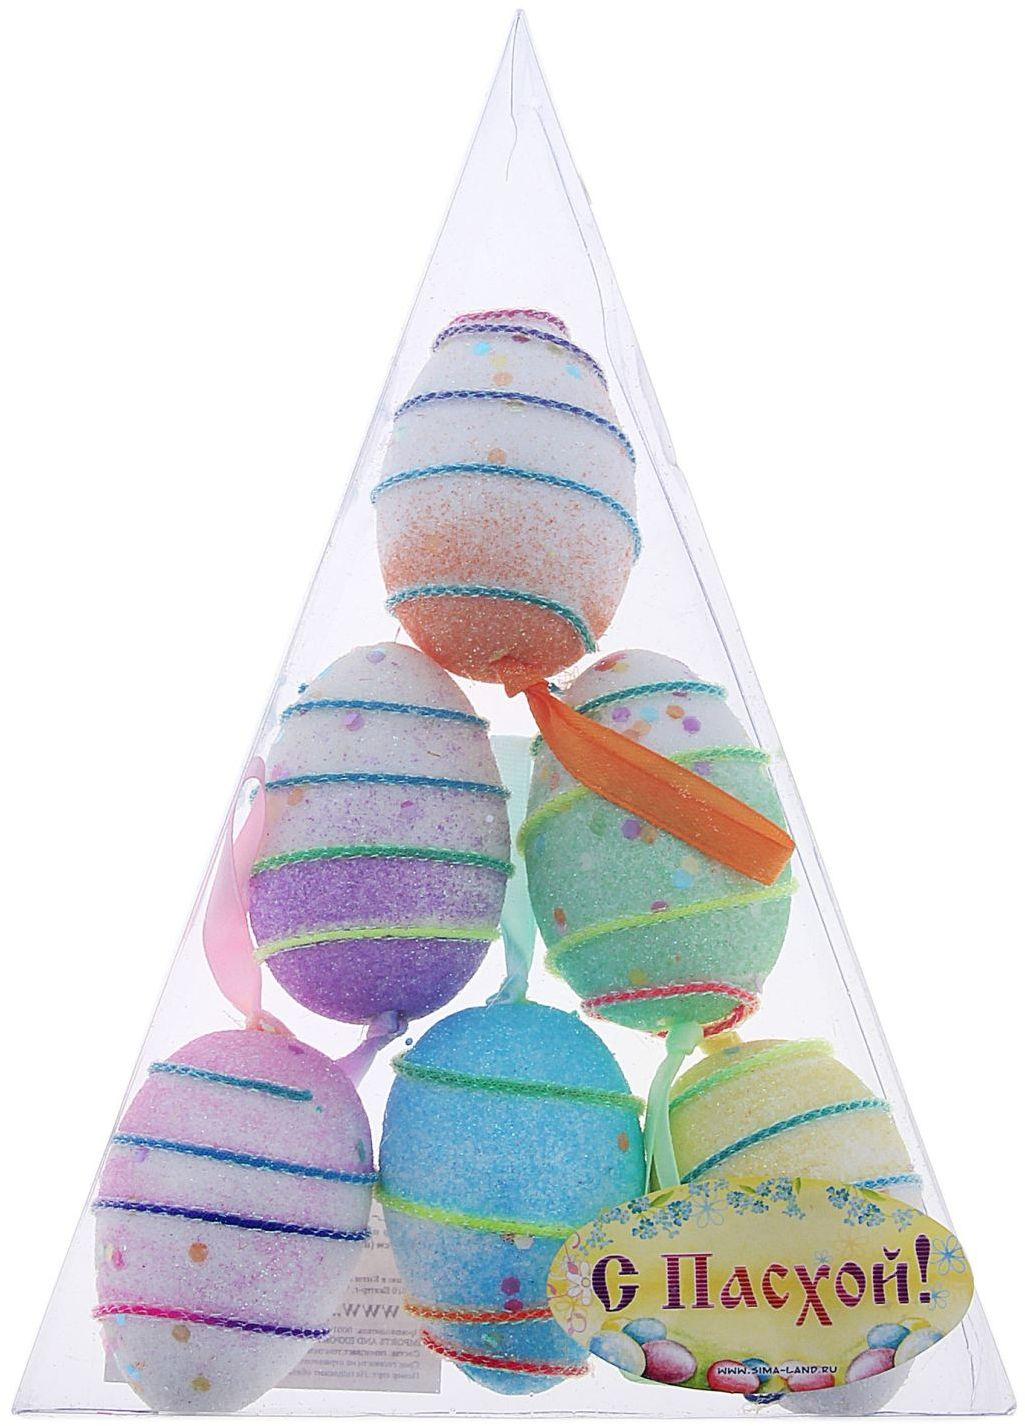 Сувенир пасхальный Яйцо. Блестка Микс Пайетки Спираль, 4 х 6 см, 6 шт. 114776114776Яйцо - это главный пасхальный символ, который символизирует для христиан новую жизнь и возрождение, поэтому его присутствие на праздничном столе является обязательным элементом во многих странах. Сегодня крашеными яйцами принято не только украшать праздничный стол.